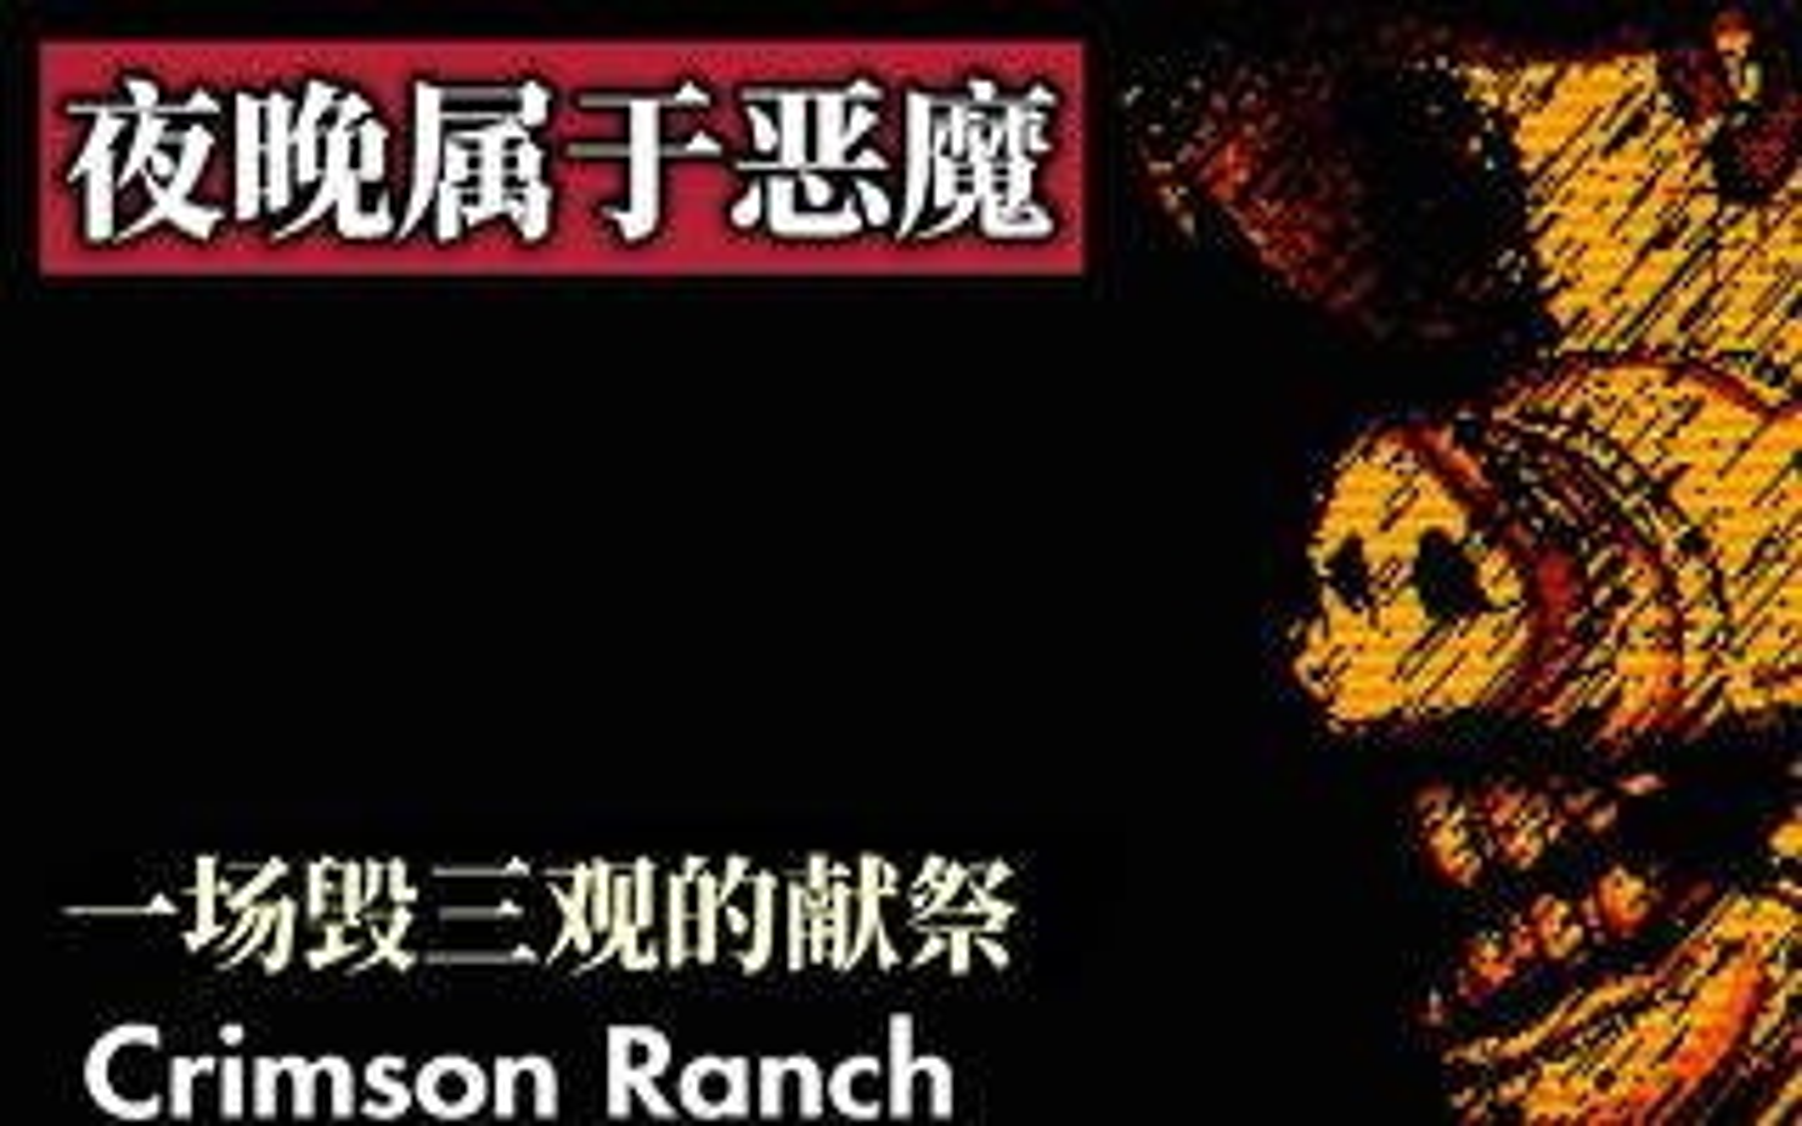 """【精读】让驱魔人都毁掉三观的魔性""""献祭""""游戏!《Crimson Ranch》"""